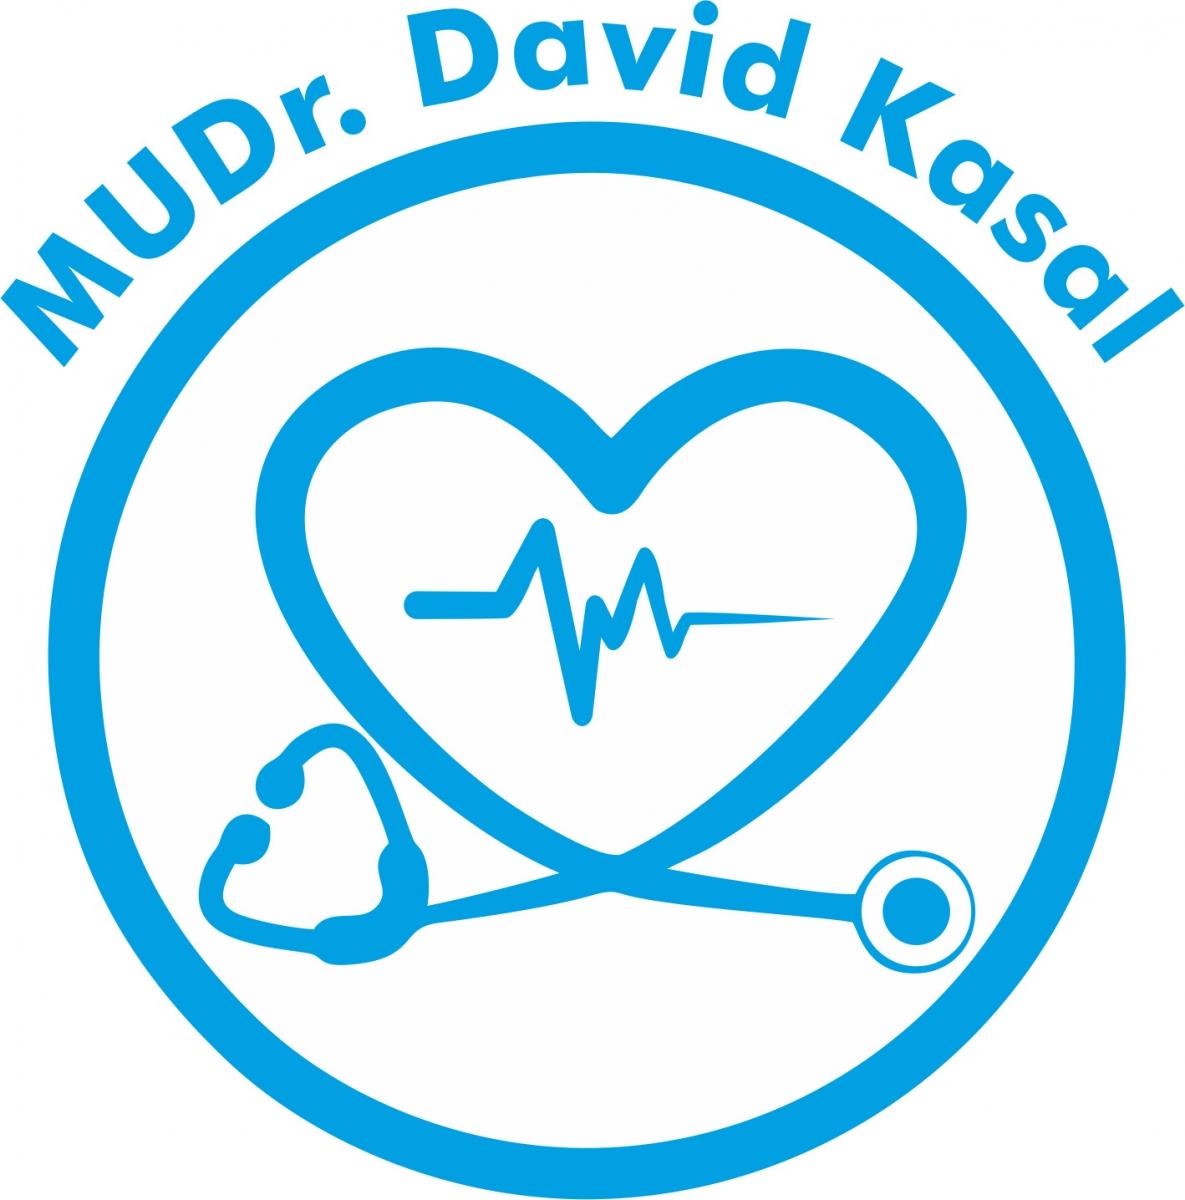 MUDr. David Kasal